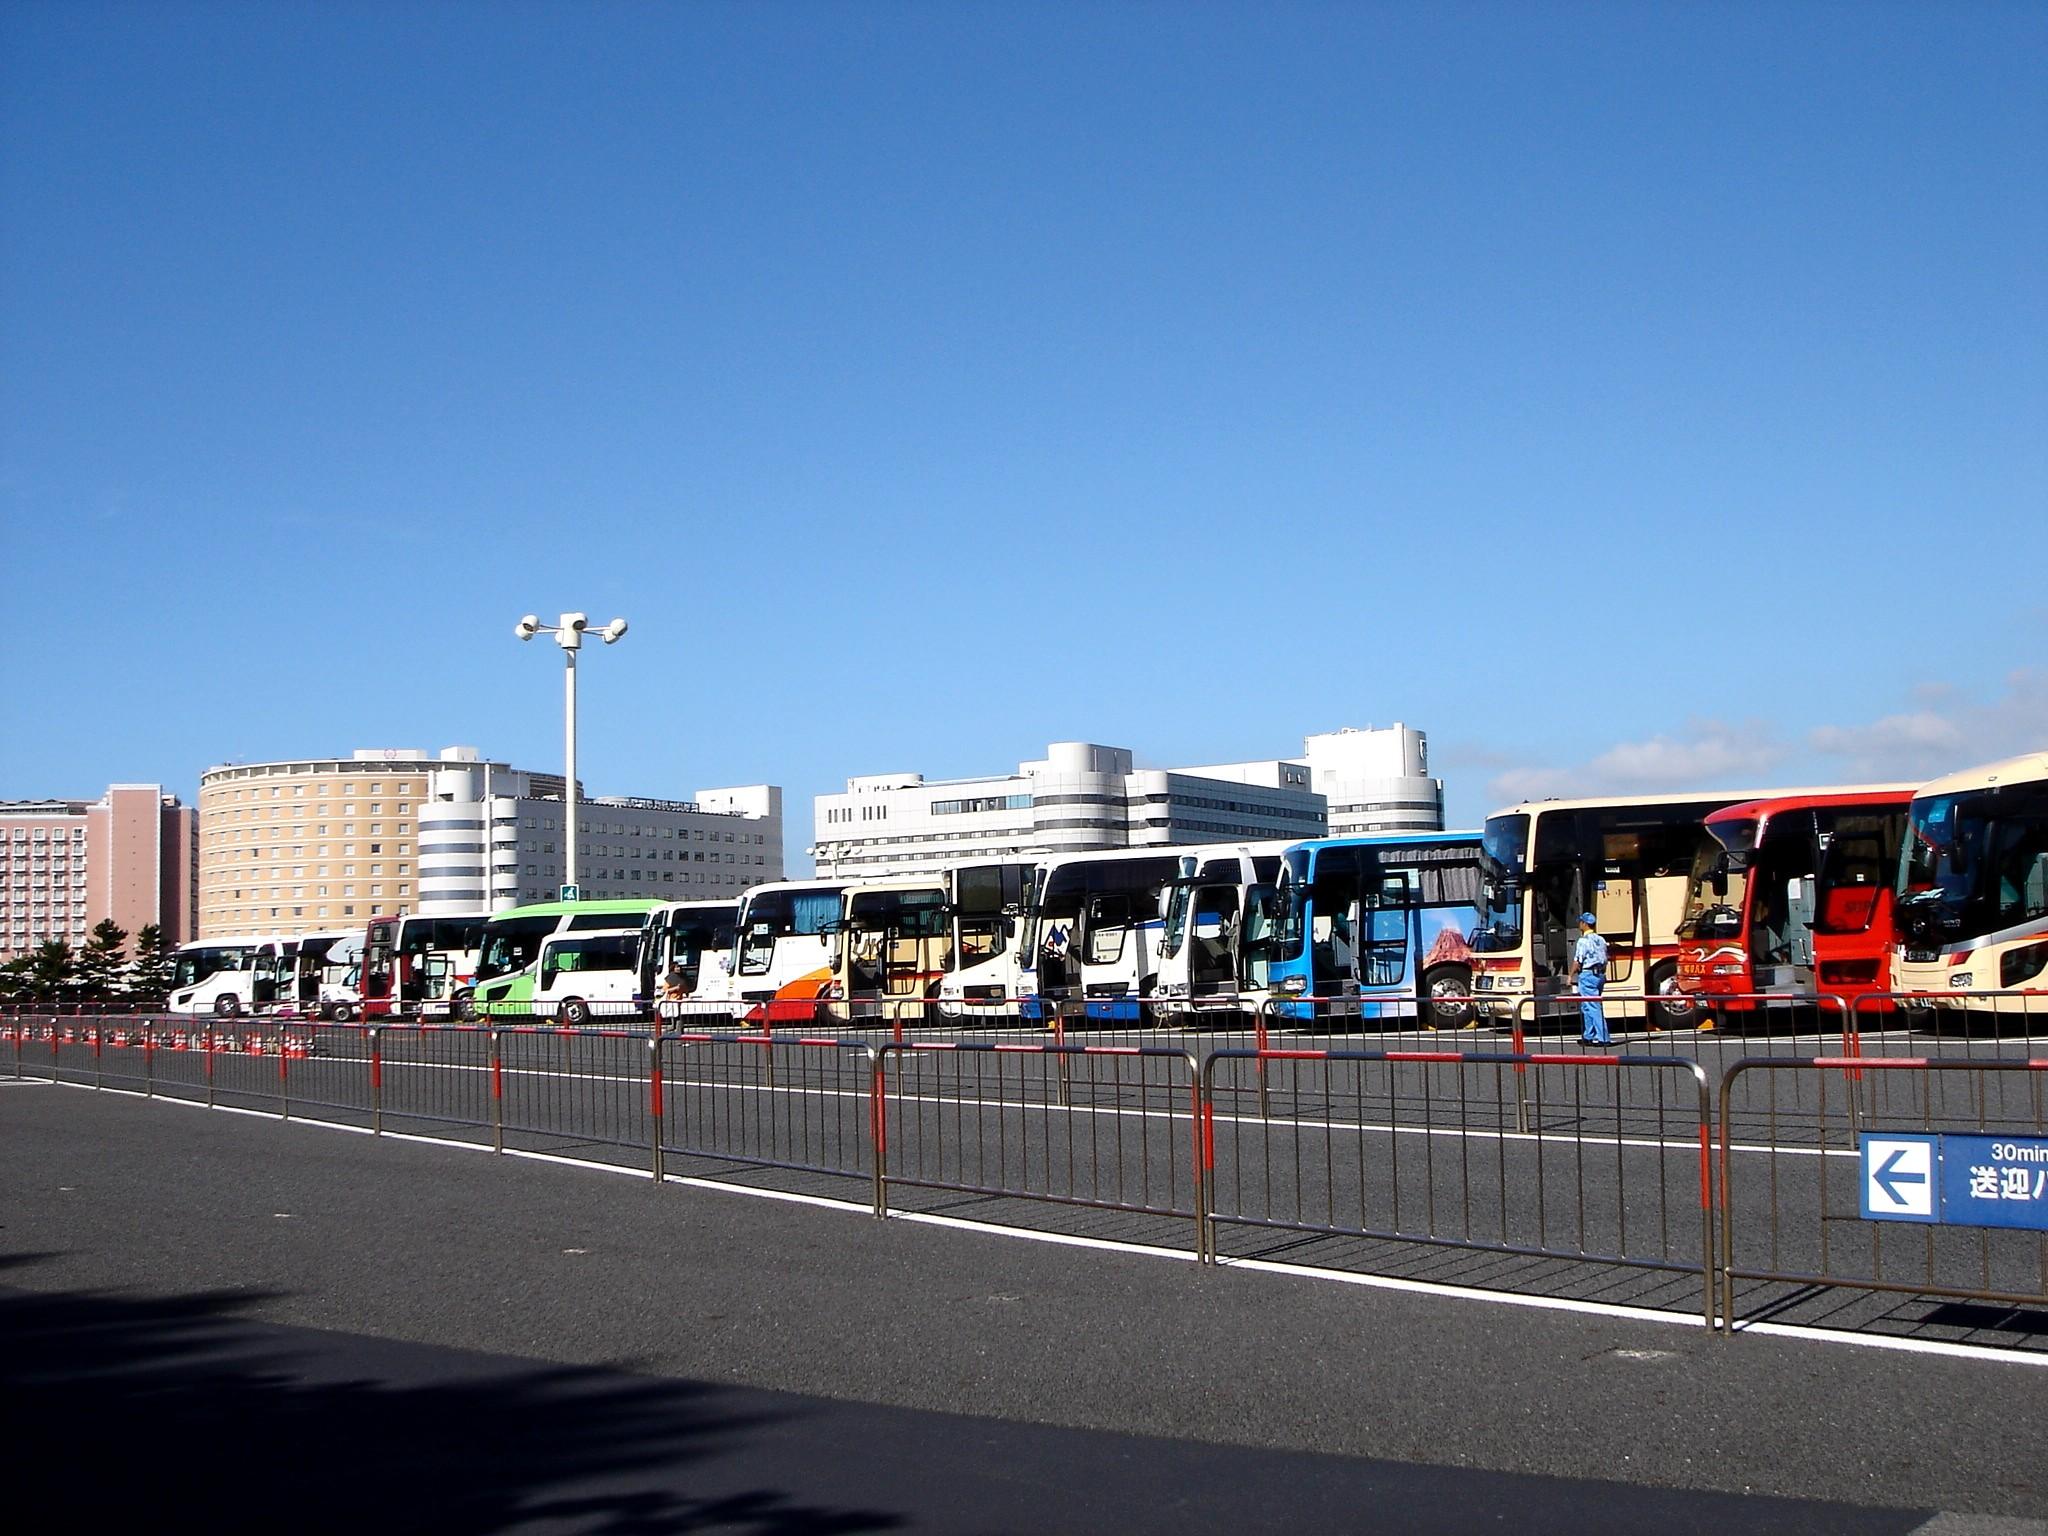 深夜急行バス - 新京成電鉄株式会社